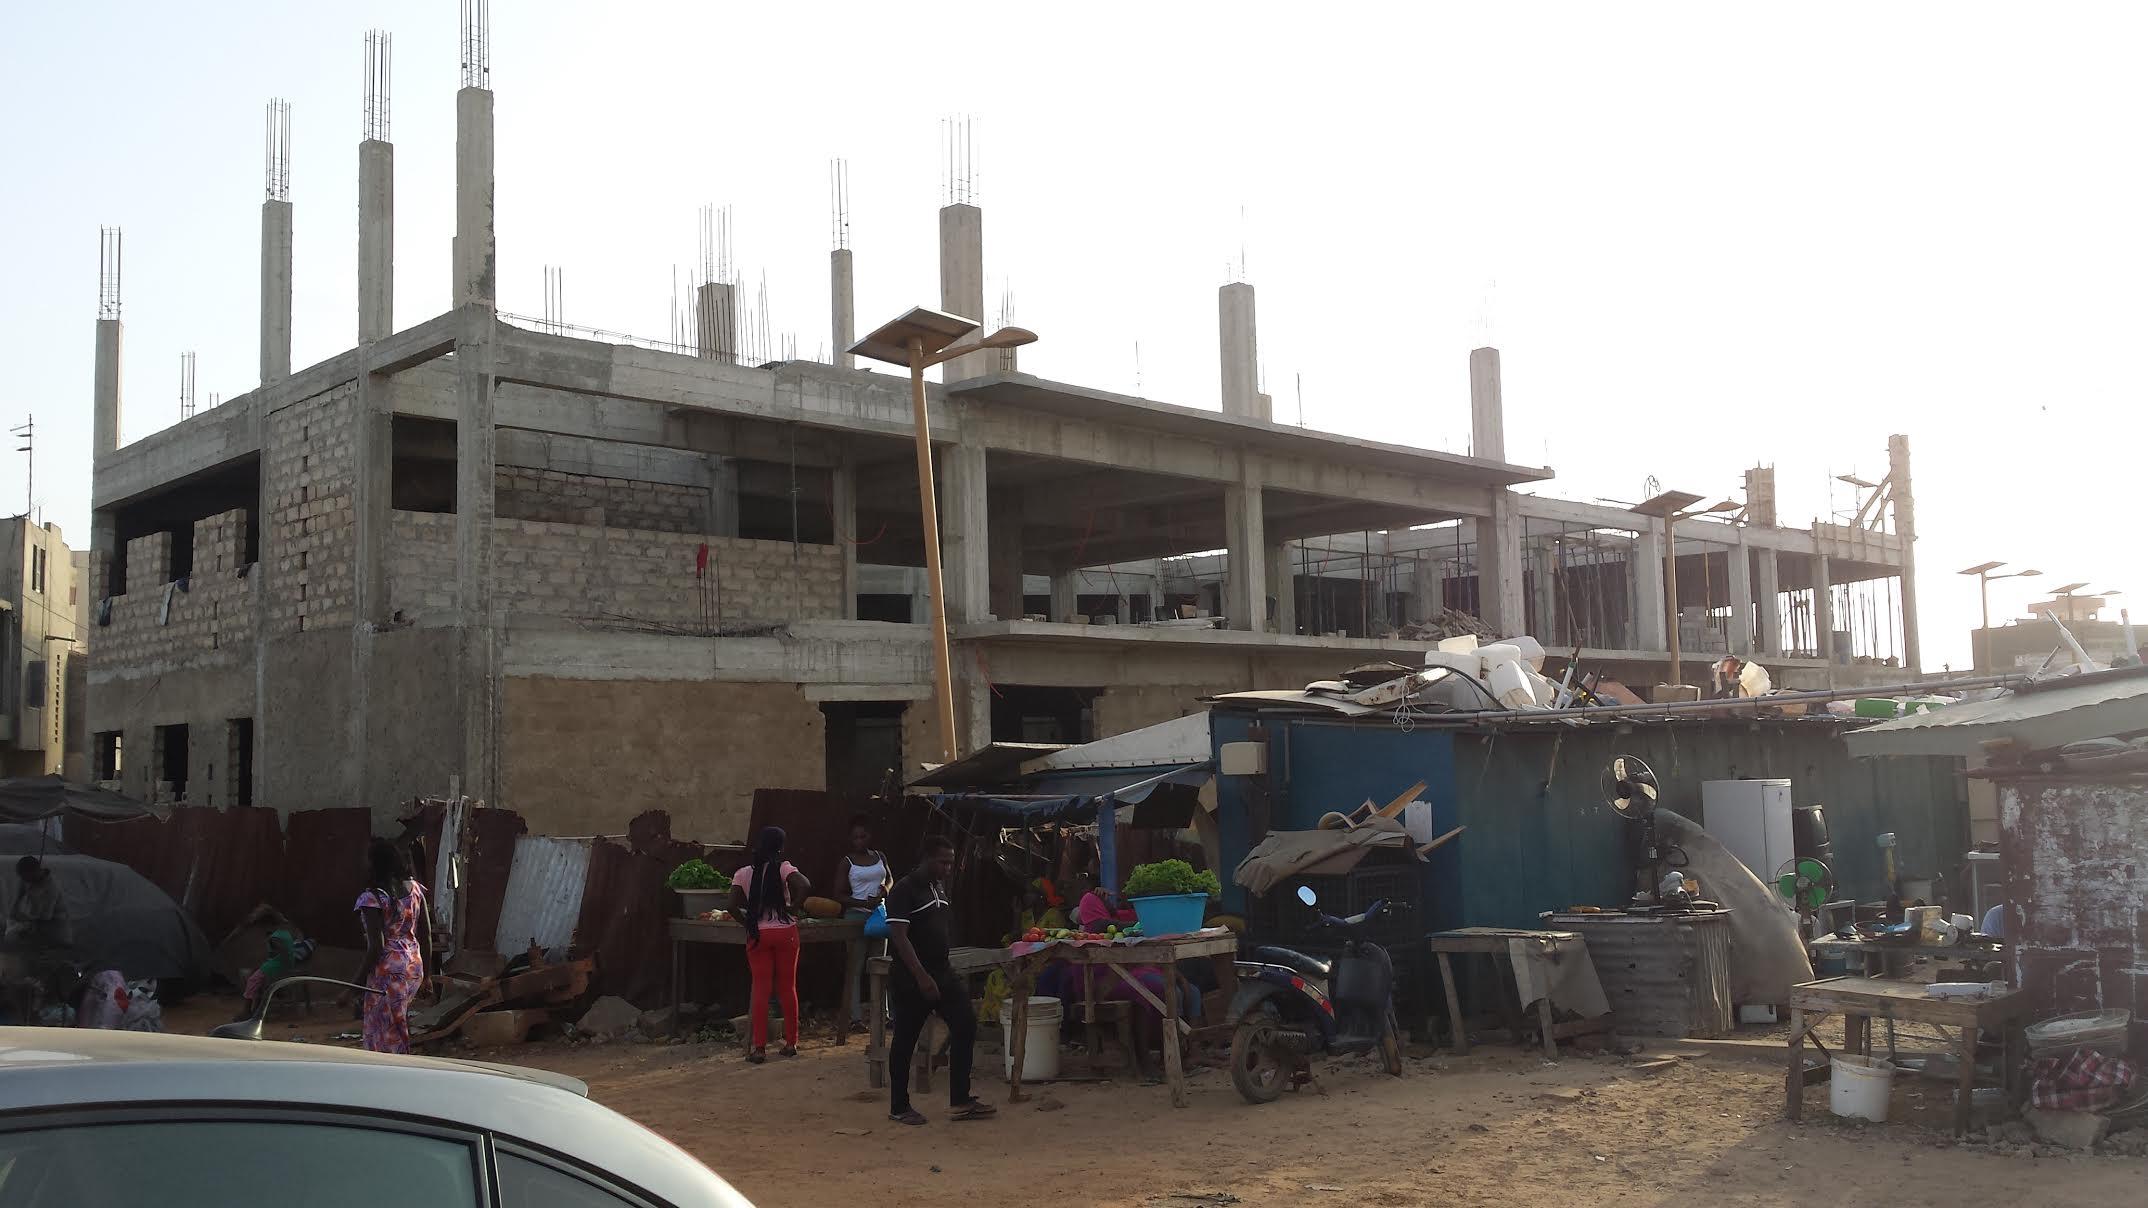 Autorisation du Préfet de Dakar de démolir le marché de Patte d'Oie